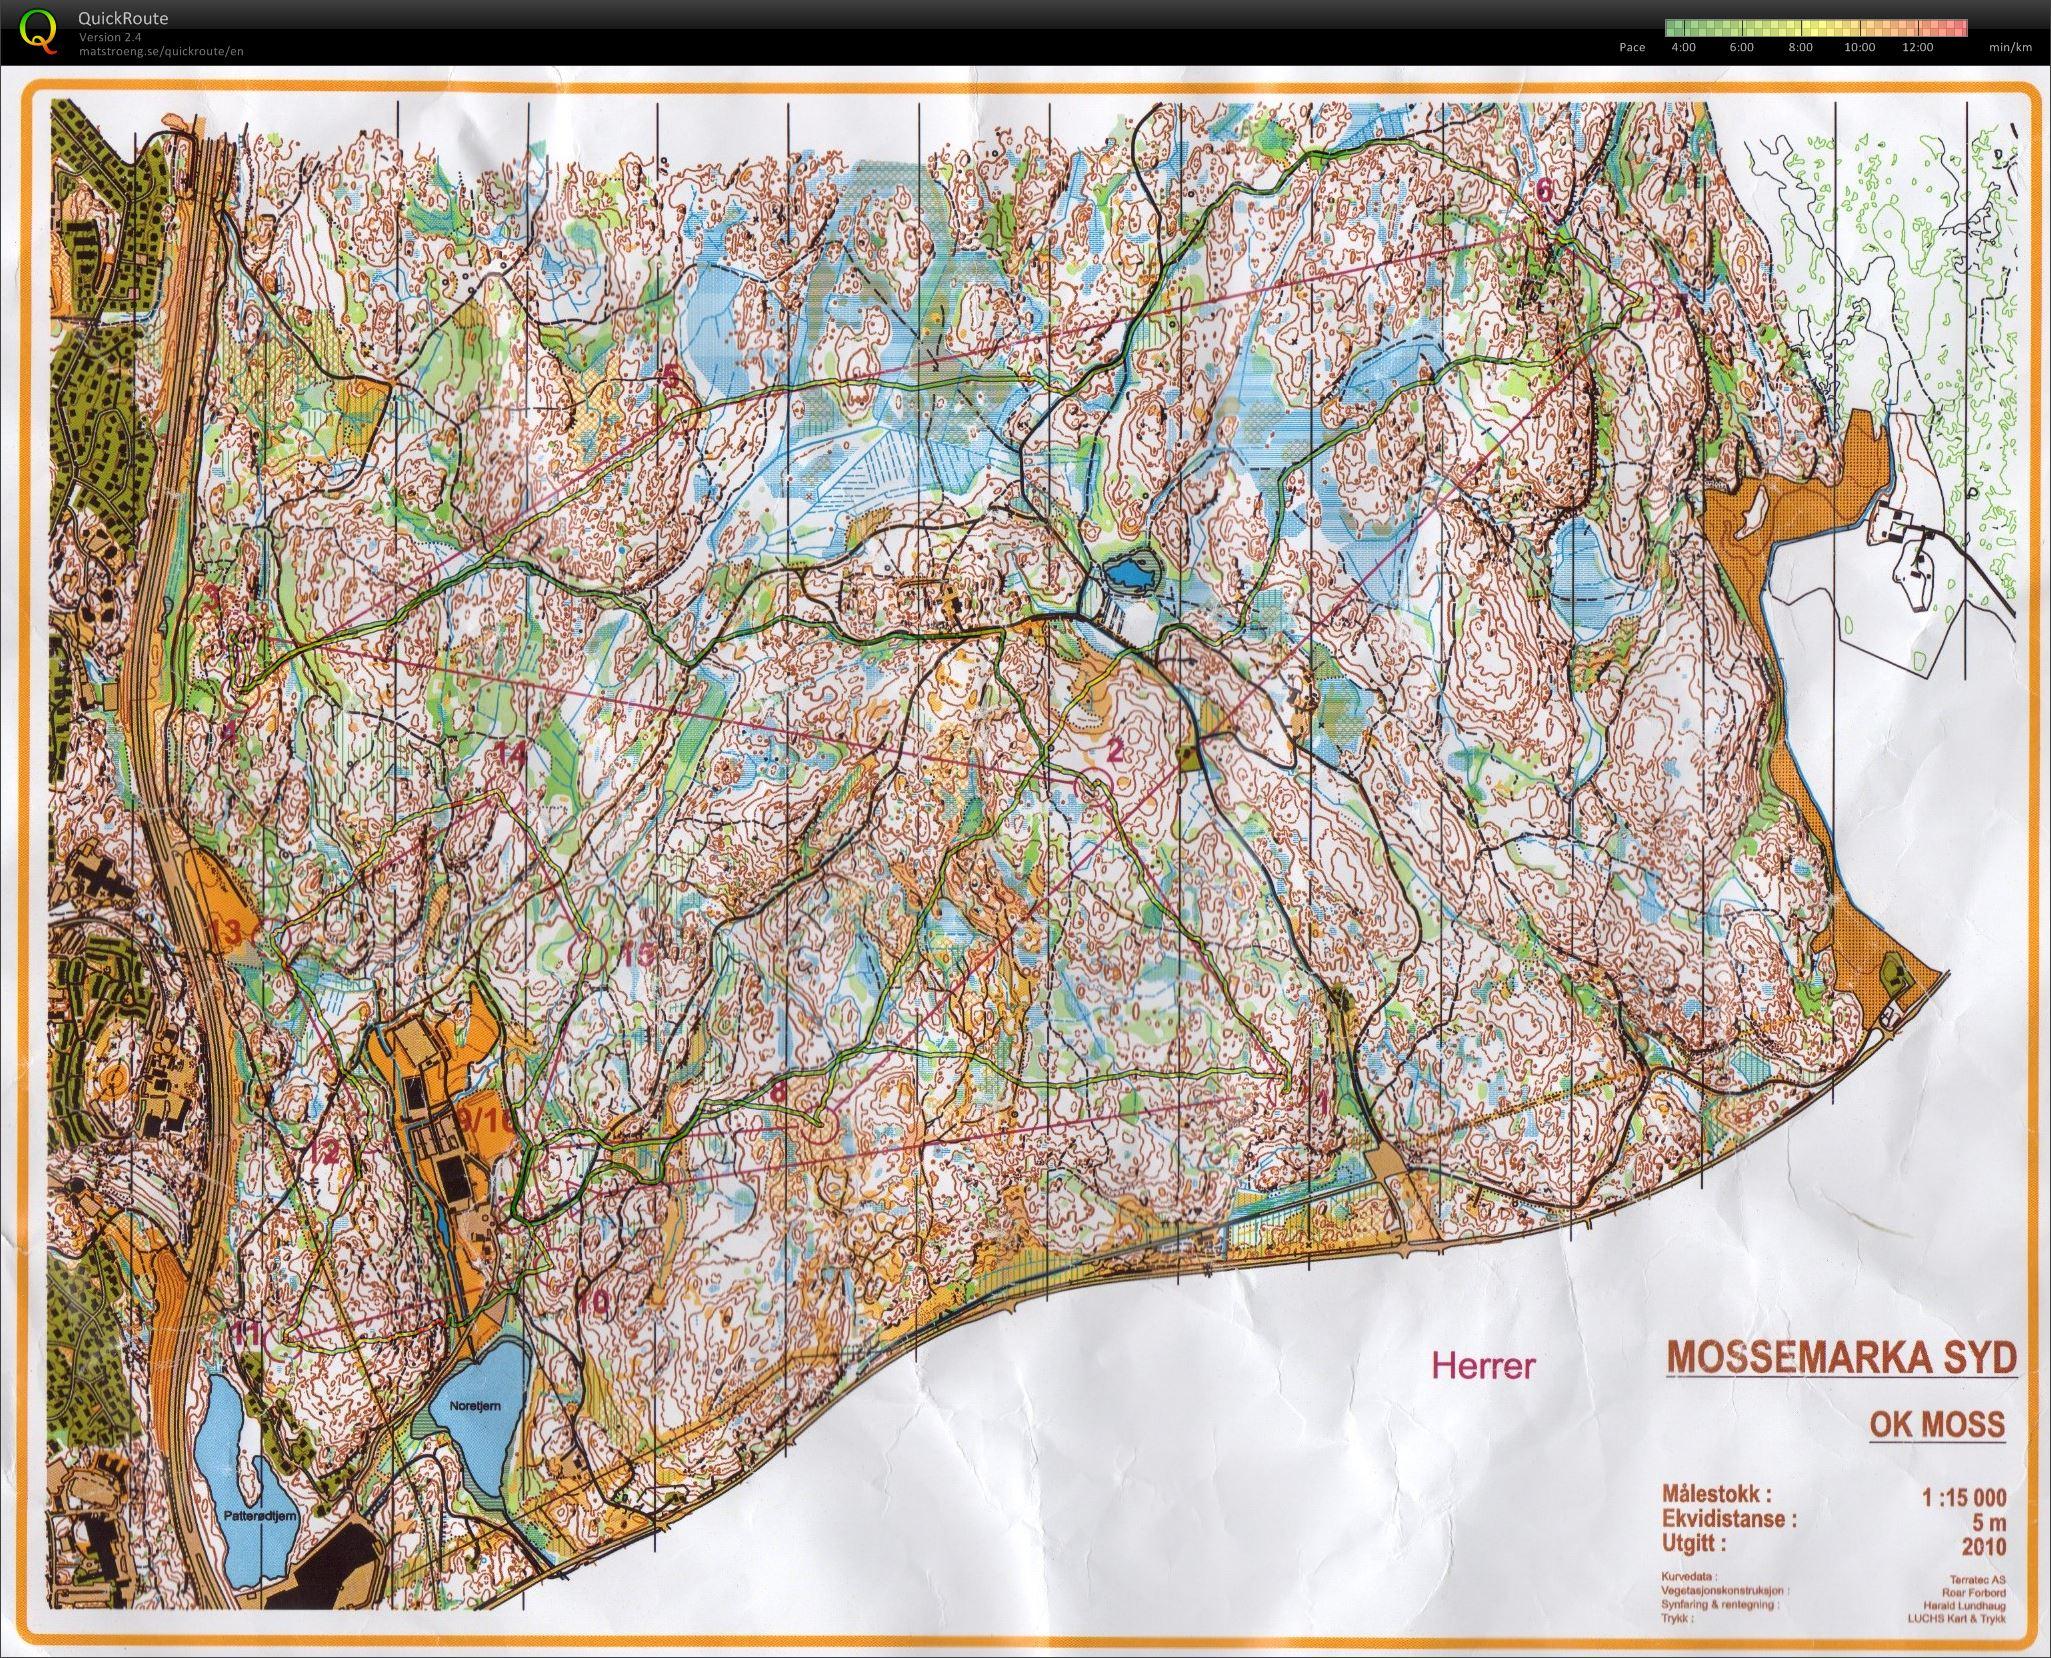 kart over mossemarka Mitt digitale veivalgsarkiv :: Langdistanse i Mossemarka (06.12.2013) kart over mossemarka